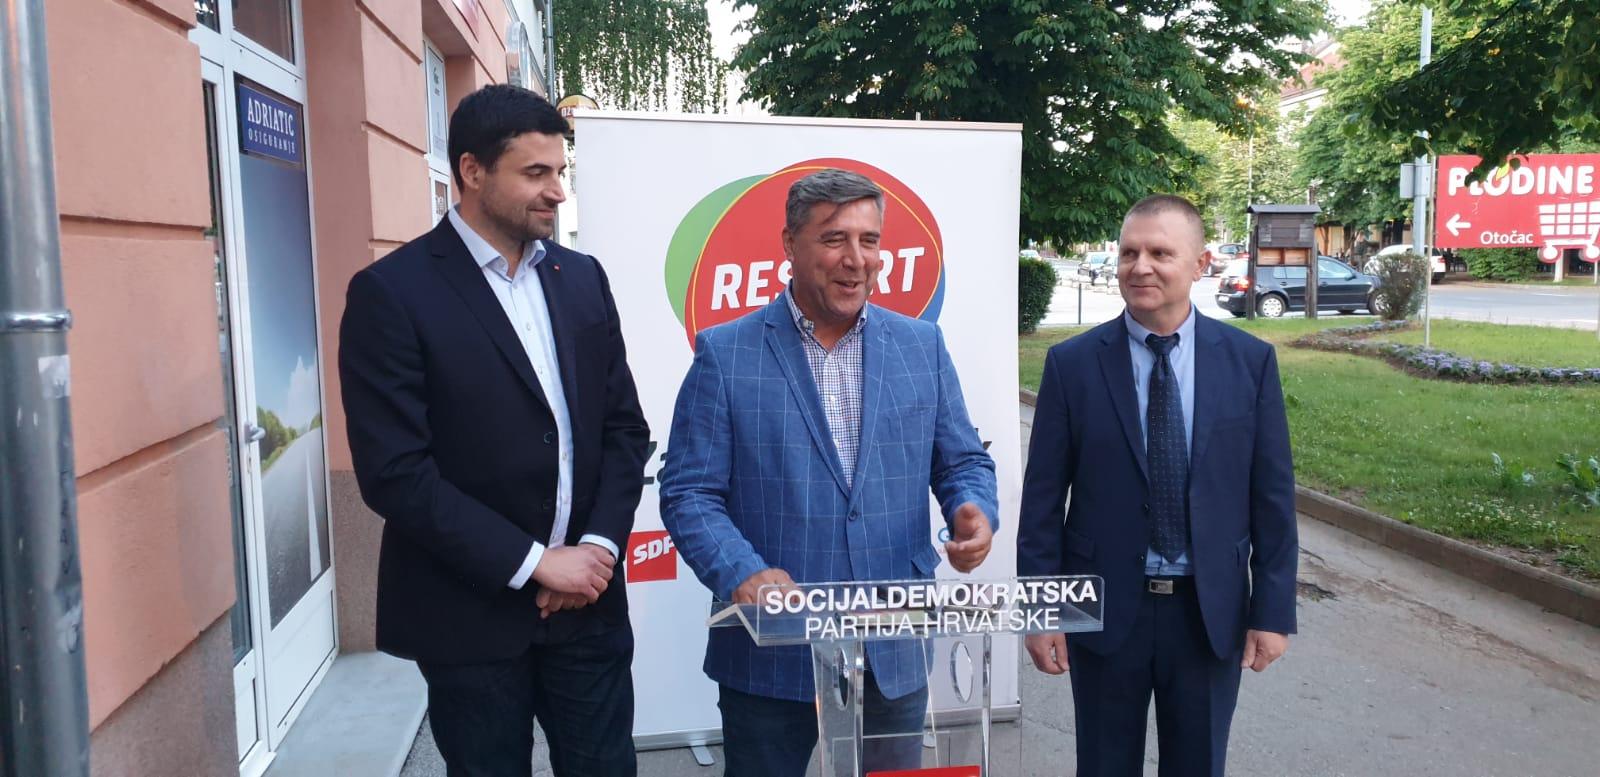 Davor Bernardić i SDP-ovci predstavili su se u Otočcu / Foto: M. SMOLČIĆ